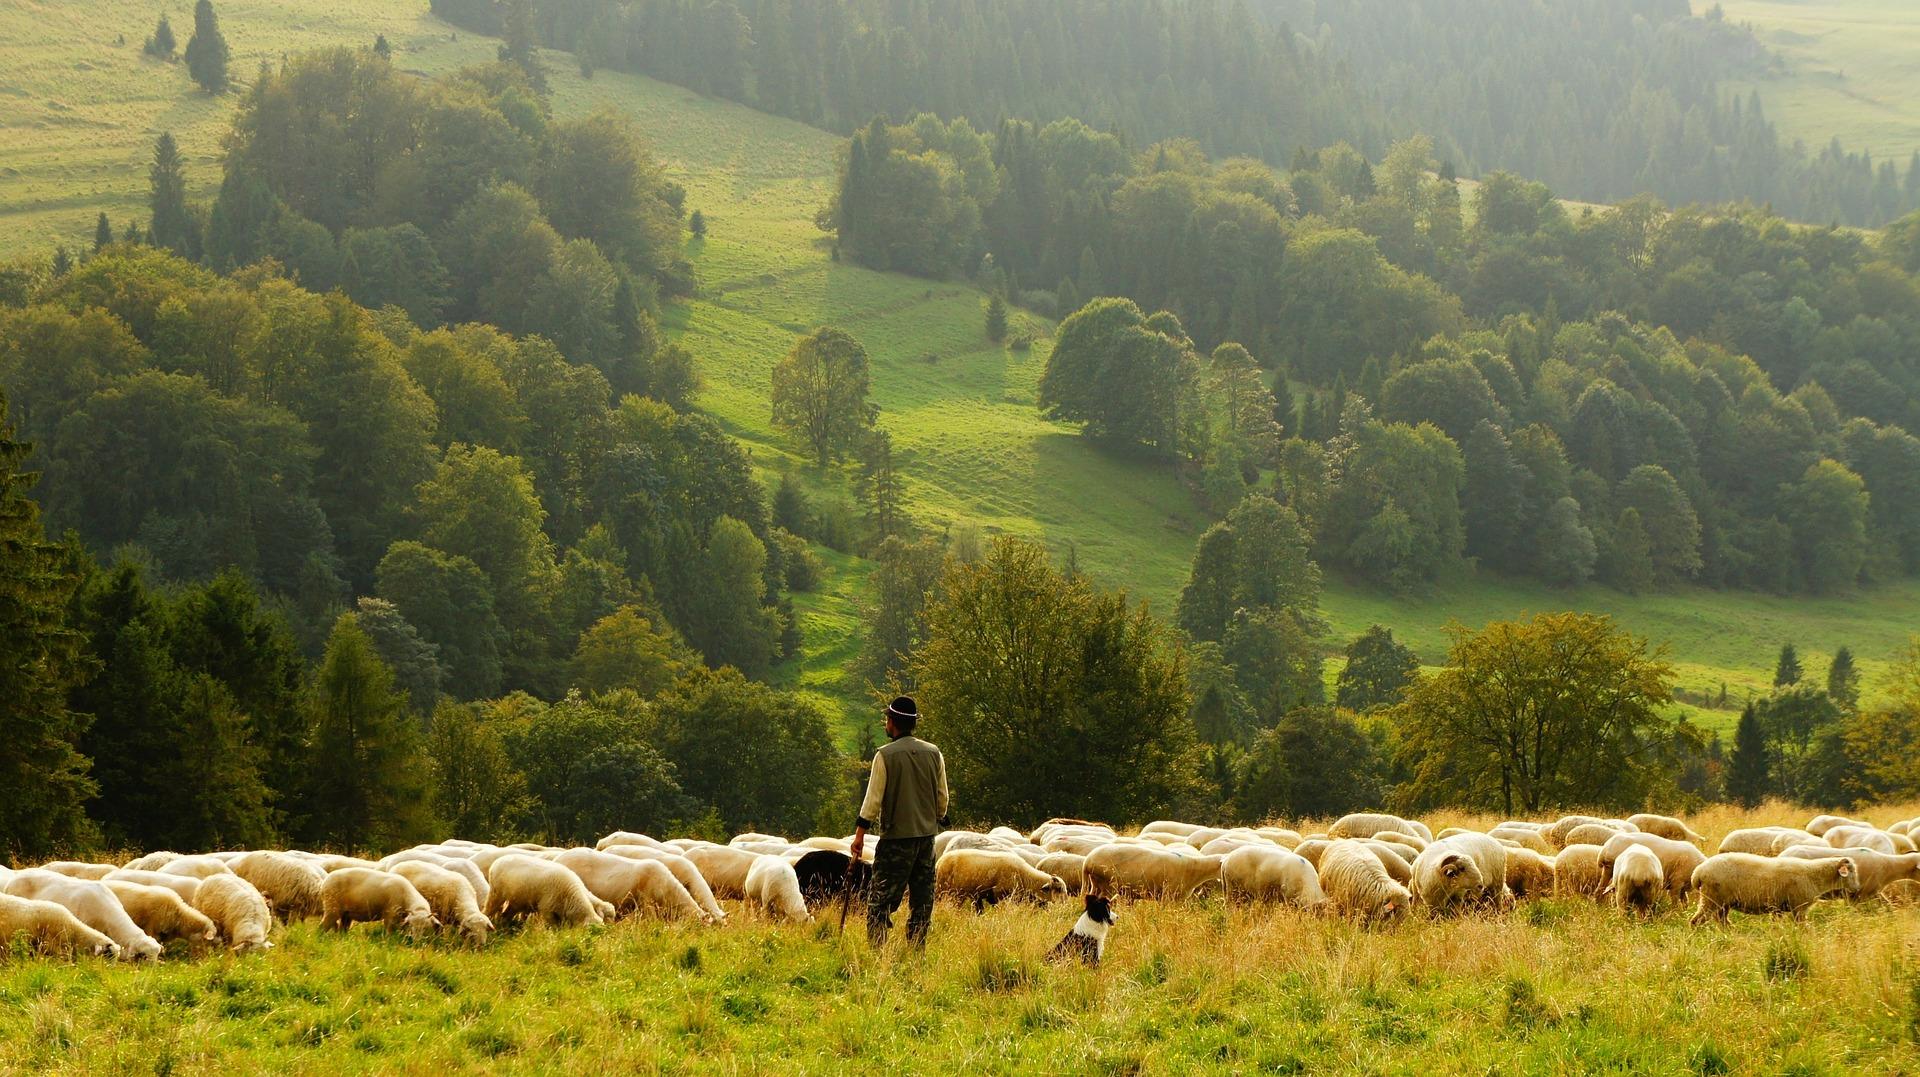 EU-Agrarpolitik: Europawahl wird zur Abstimmung über Umwelt- und  Artenschutz